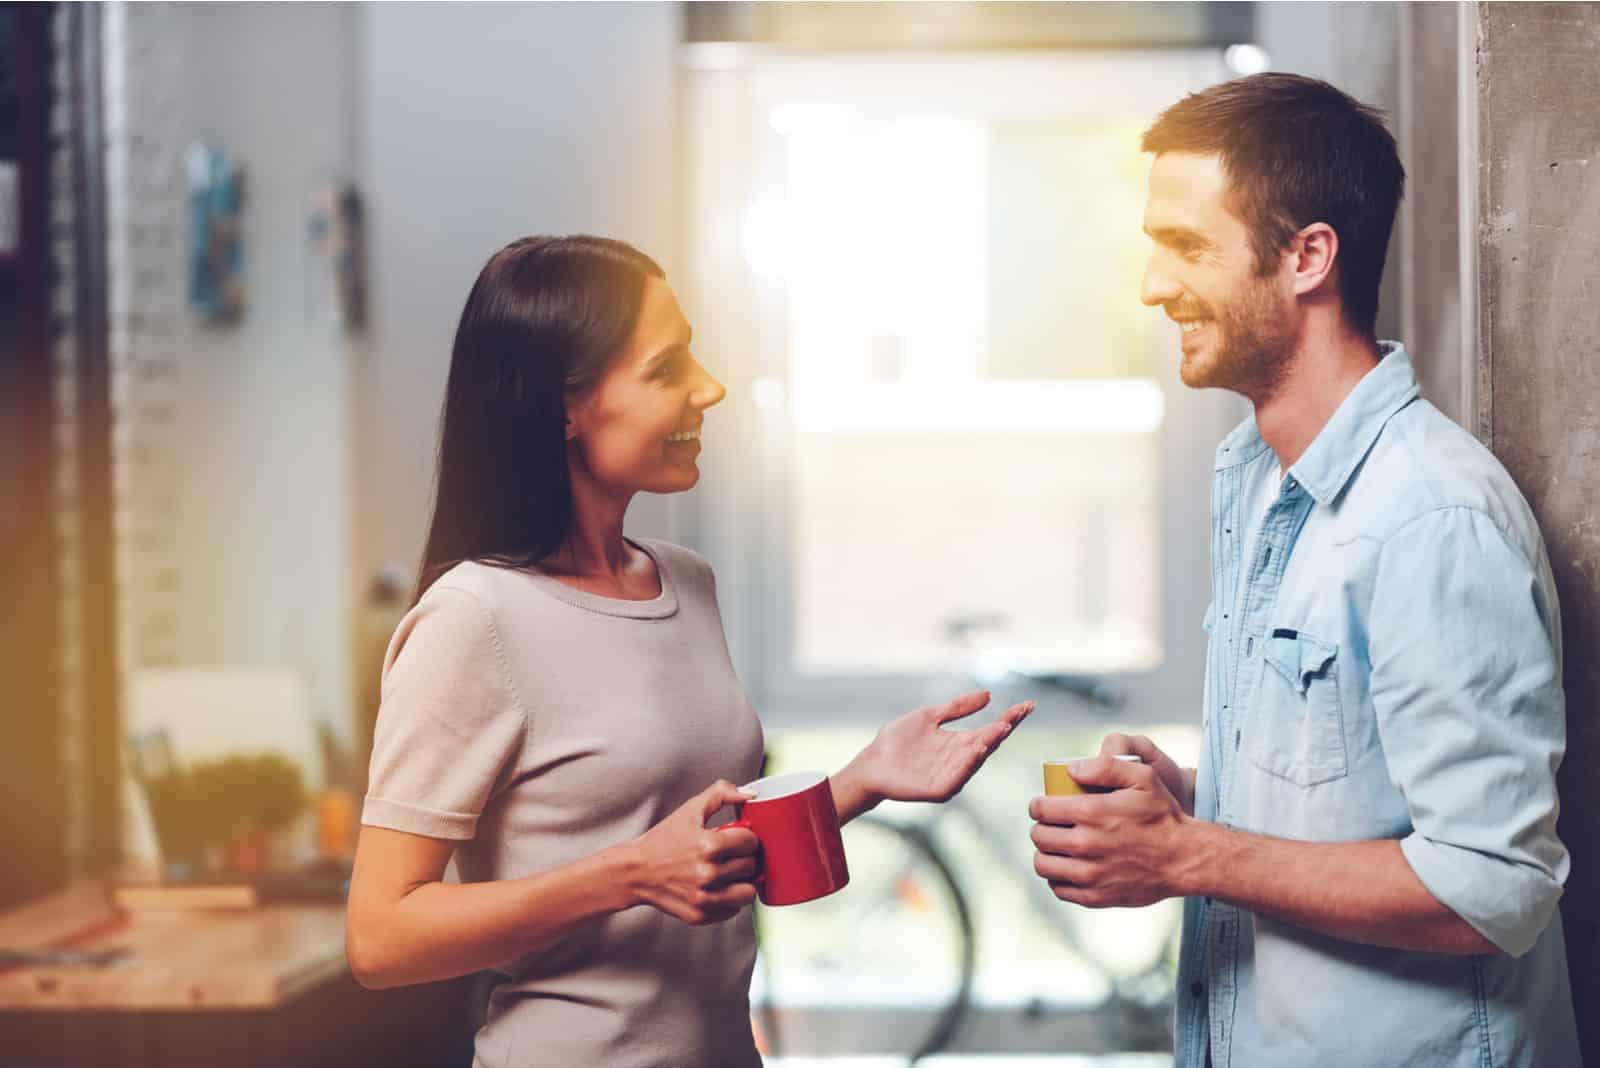 un homme et une femme sont debout tenant des tasses de café et parlent